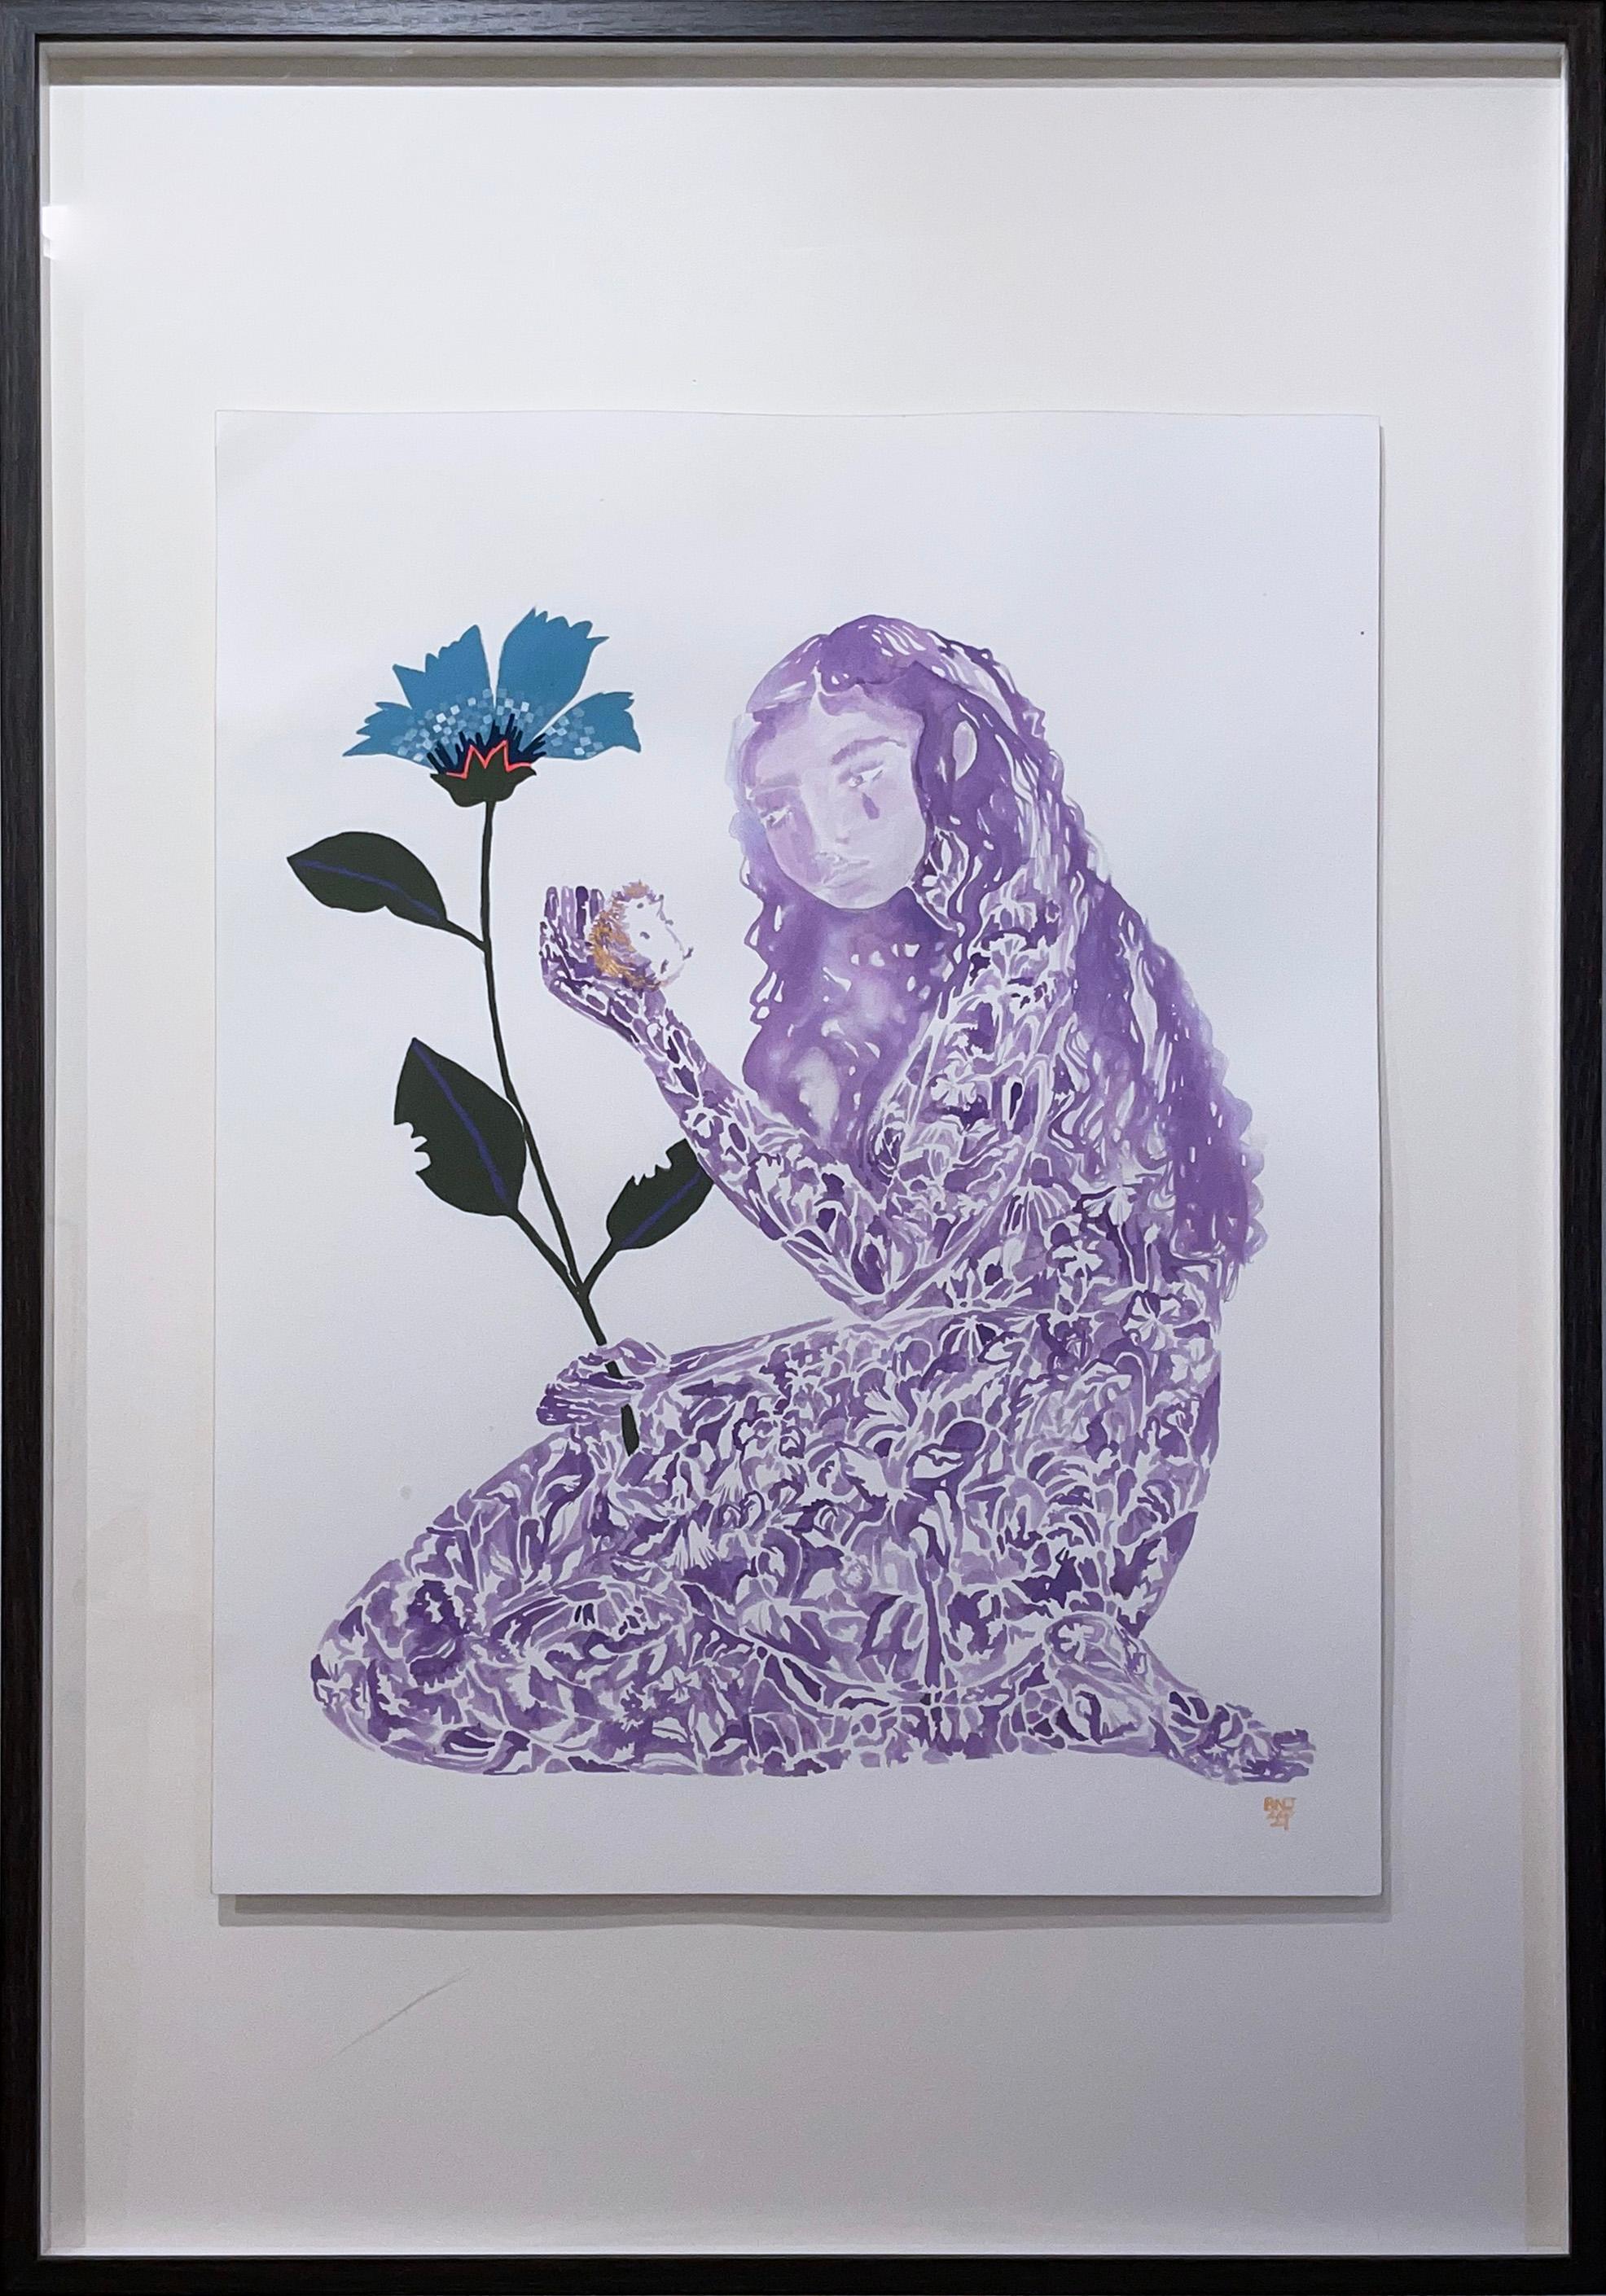 Bittersweet, 2021, female figure, flower, plant, purple, blue, folk art style